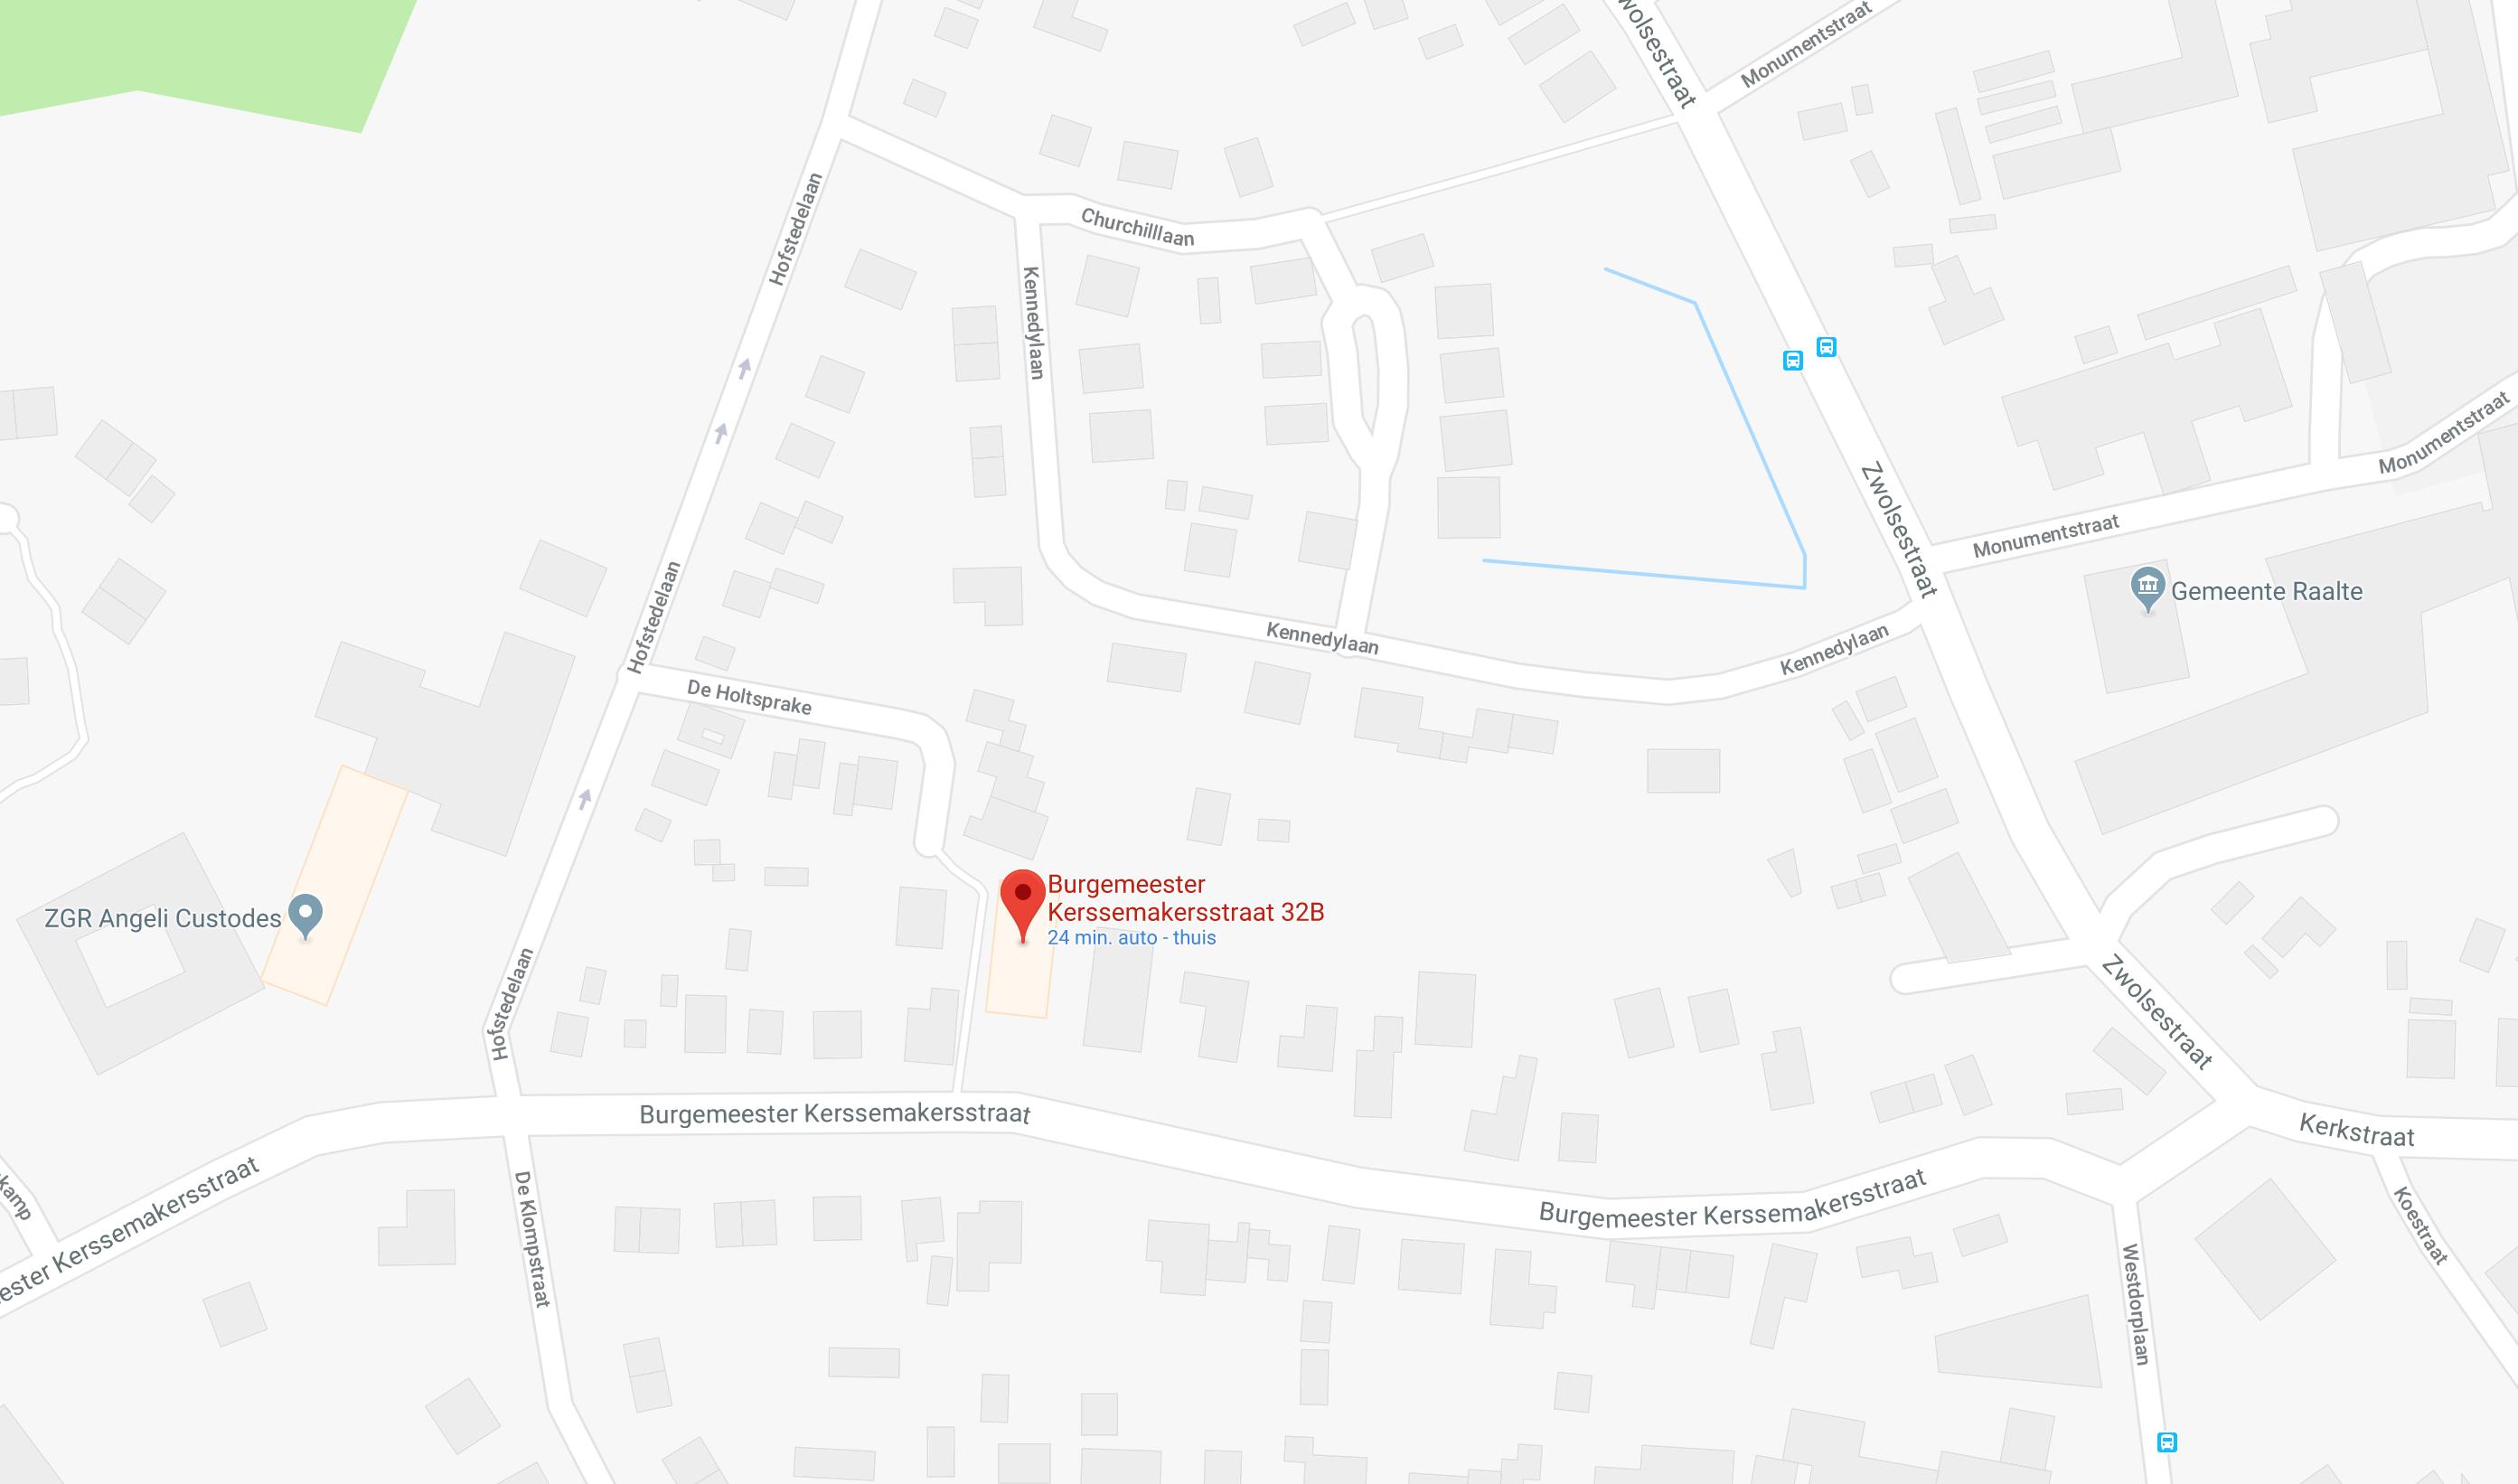 Contact - Vitex Raalte - Burgemeester Kerssemakersstraat 32 b 8101 AN Raalte